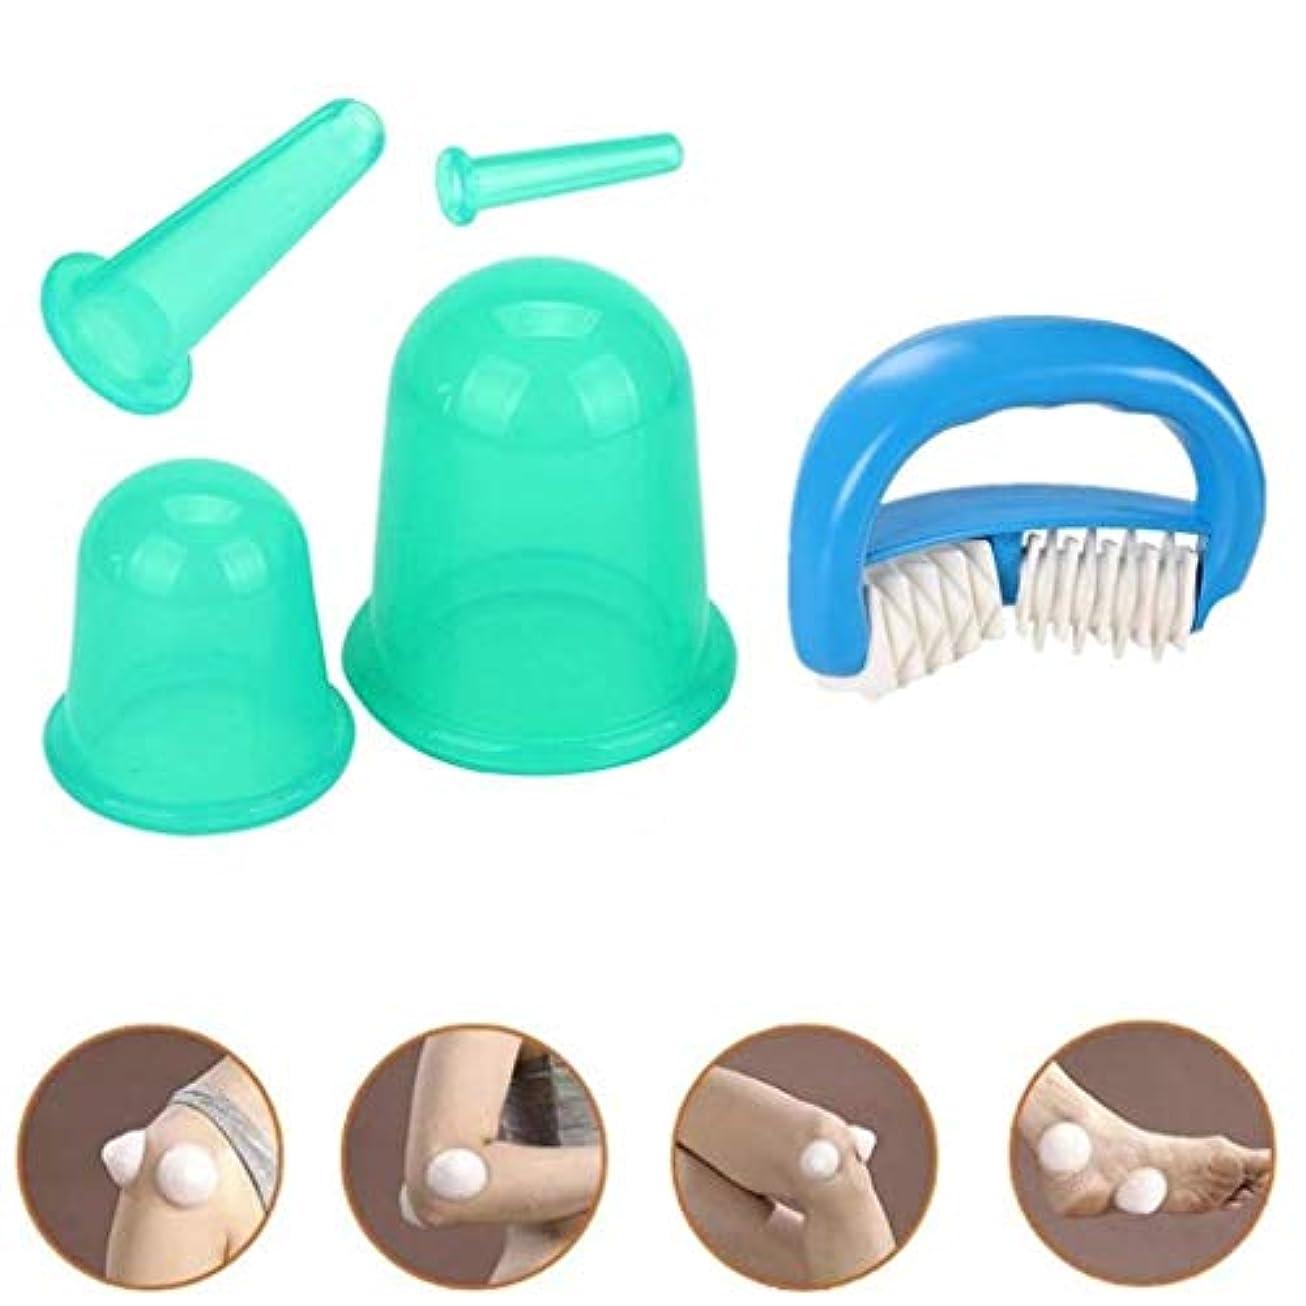 カッピング装置、シリコンカッピング装置、シリコンカッピングカップ、吸湿タンク、スリミングローラーカッピング装置、家庭用真空マッサージカップ